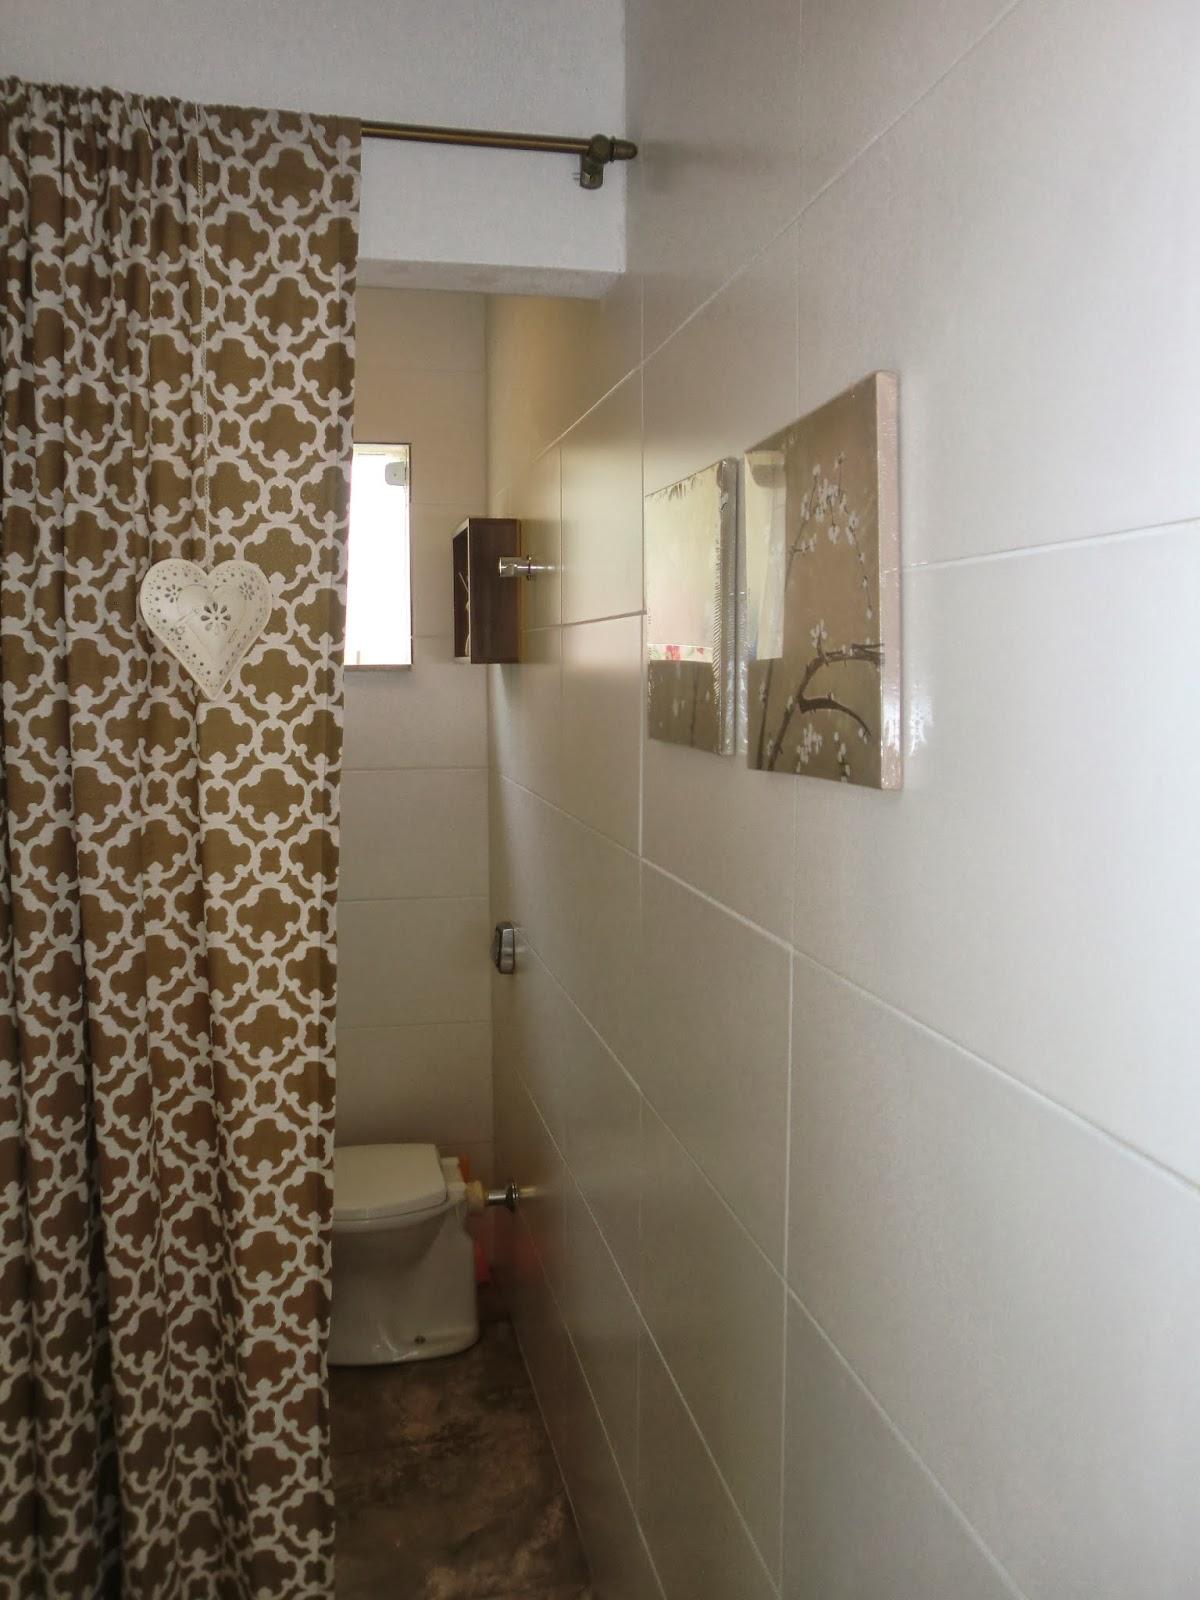 Mini Lavabo Depois da Reforma Antes e Depois Reforma de Banheiro  #3E2F1E 1200x1600 Banheiro Antes E Depois Da Reforma